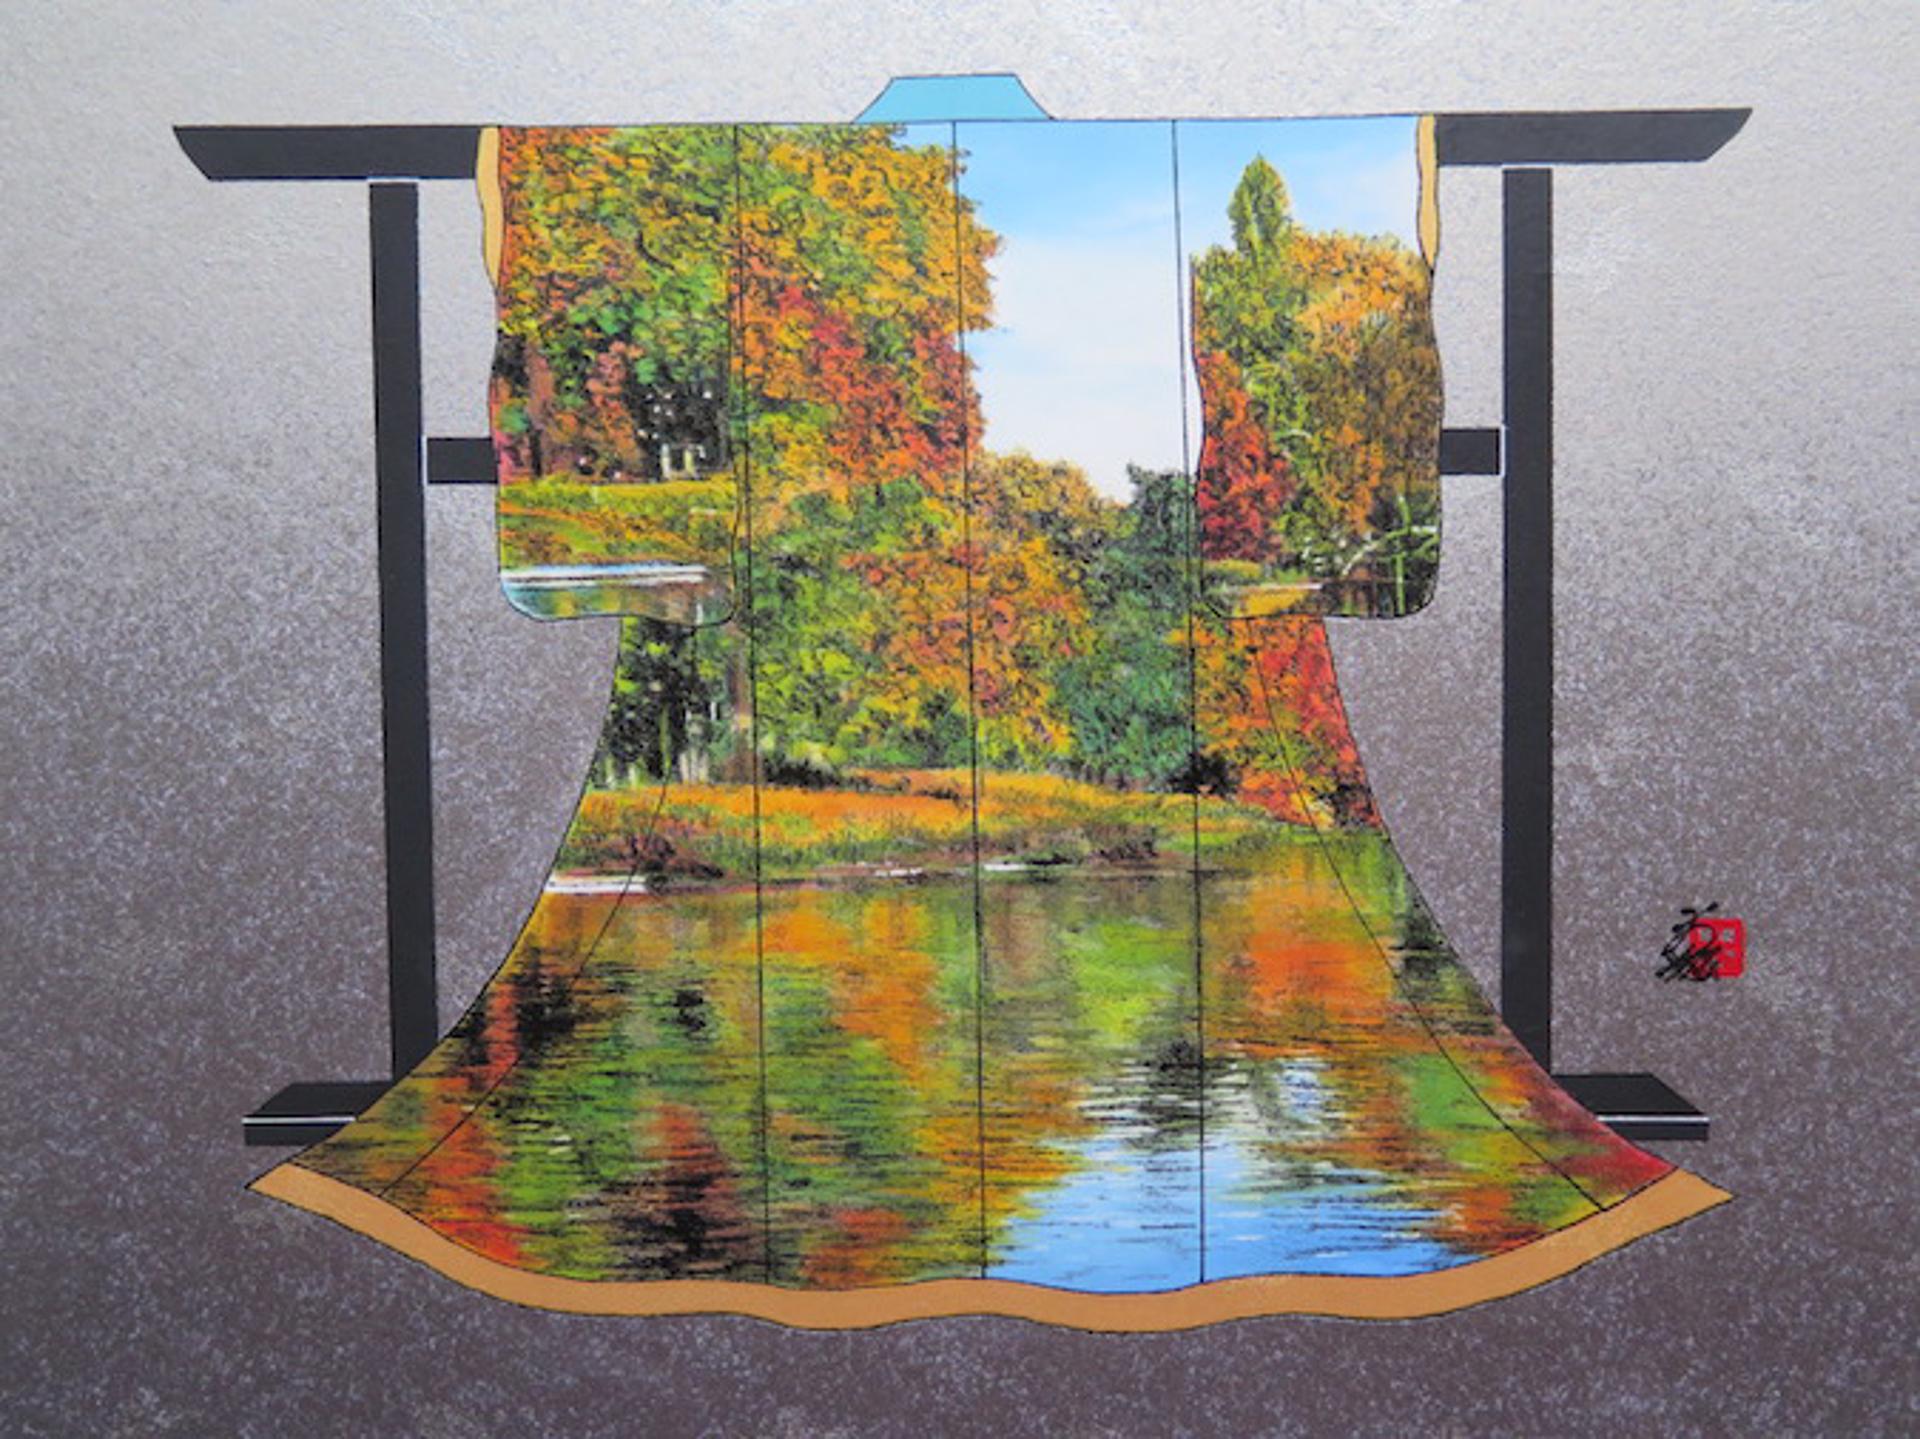 Autumn Reflection #5 by Hisashi Otsuka